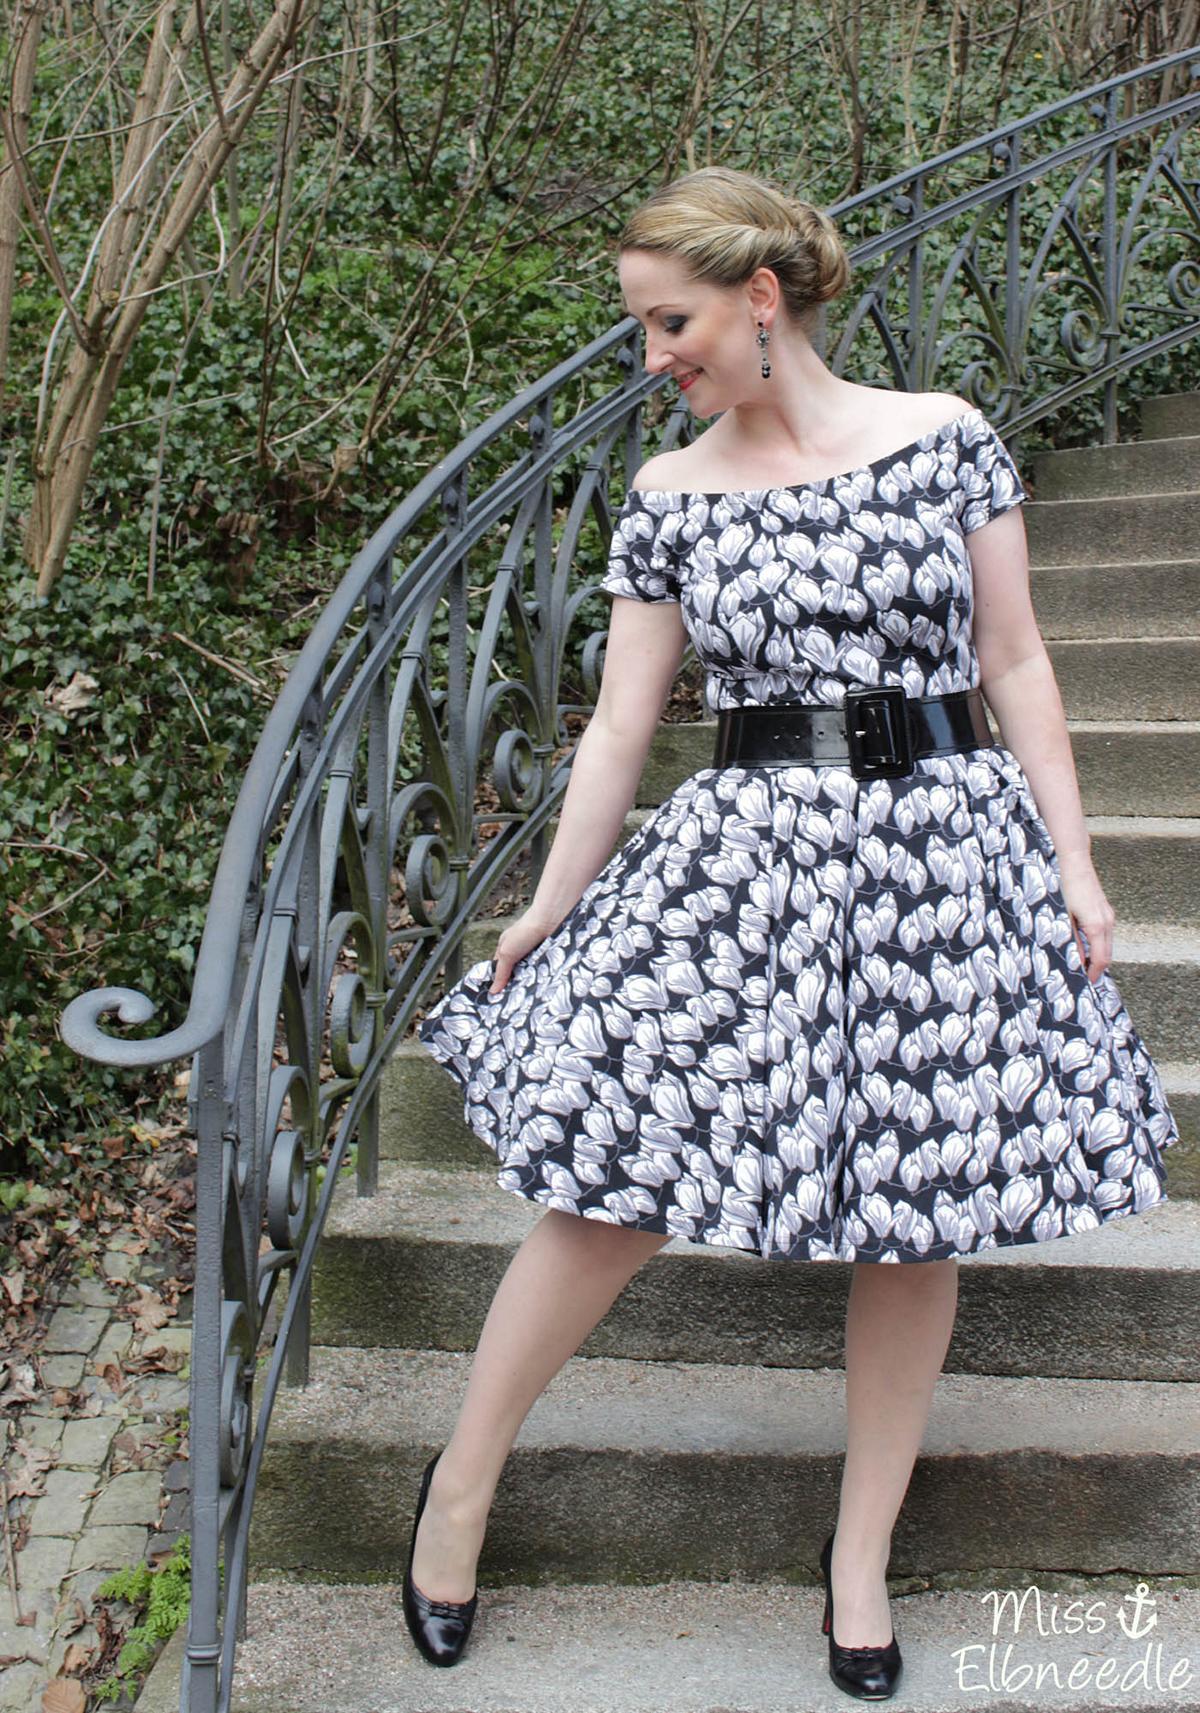 Nett Gewinnt Ein Kleid Fotos - Brautkleider Ideen - bodmaslive.com